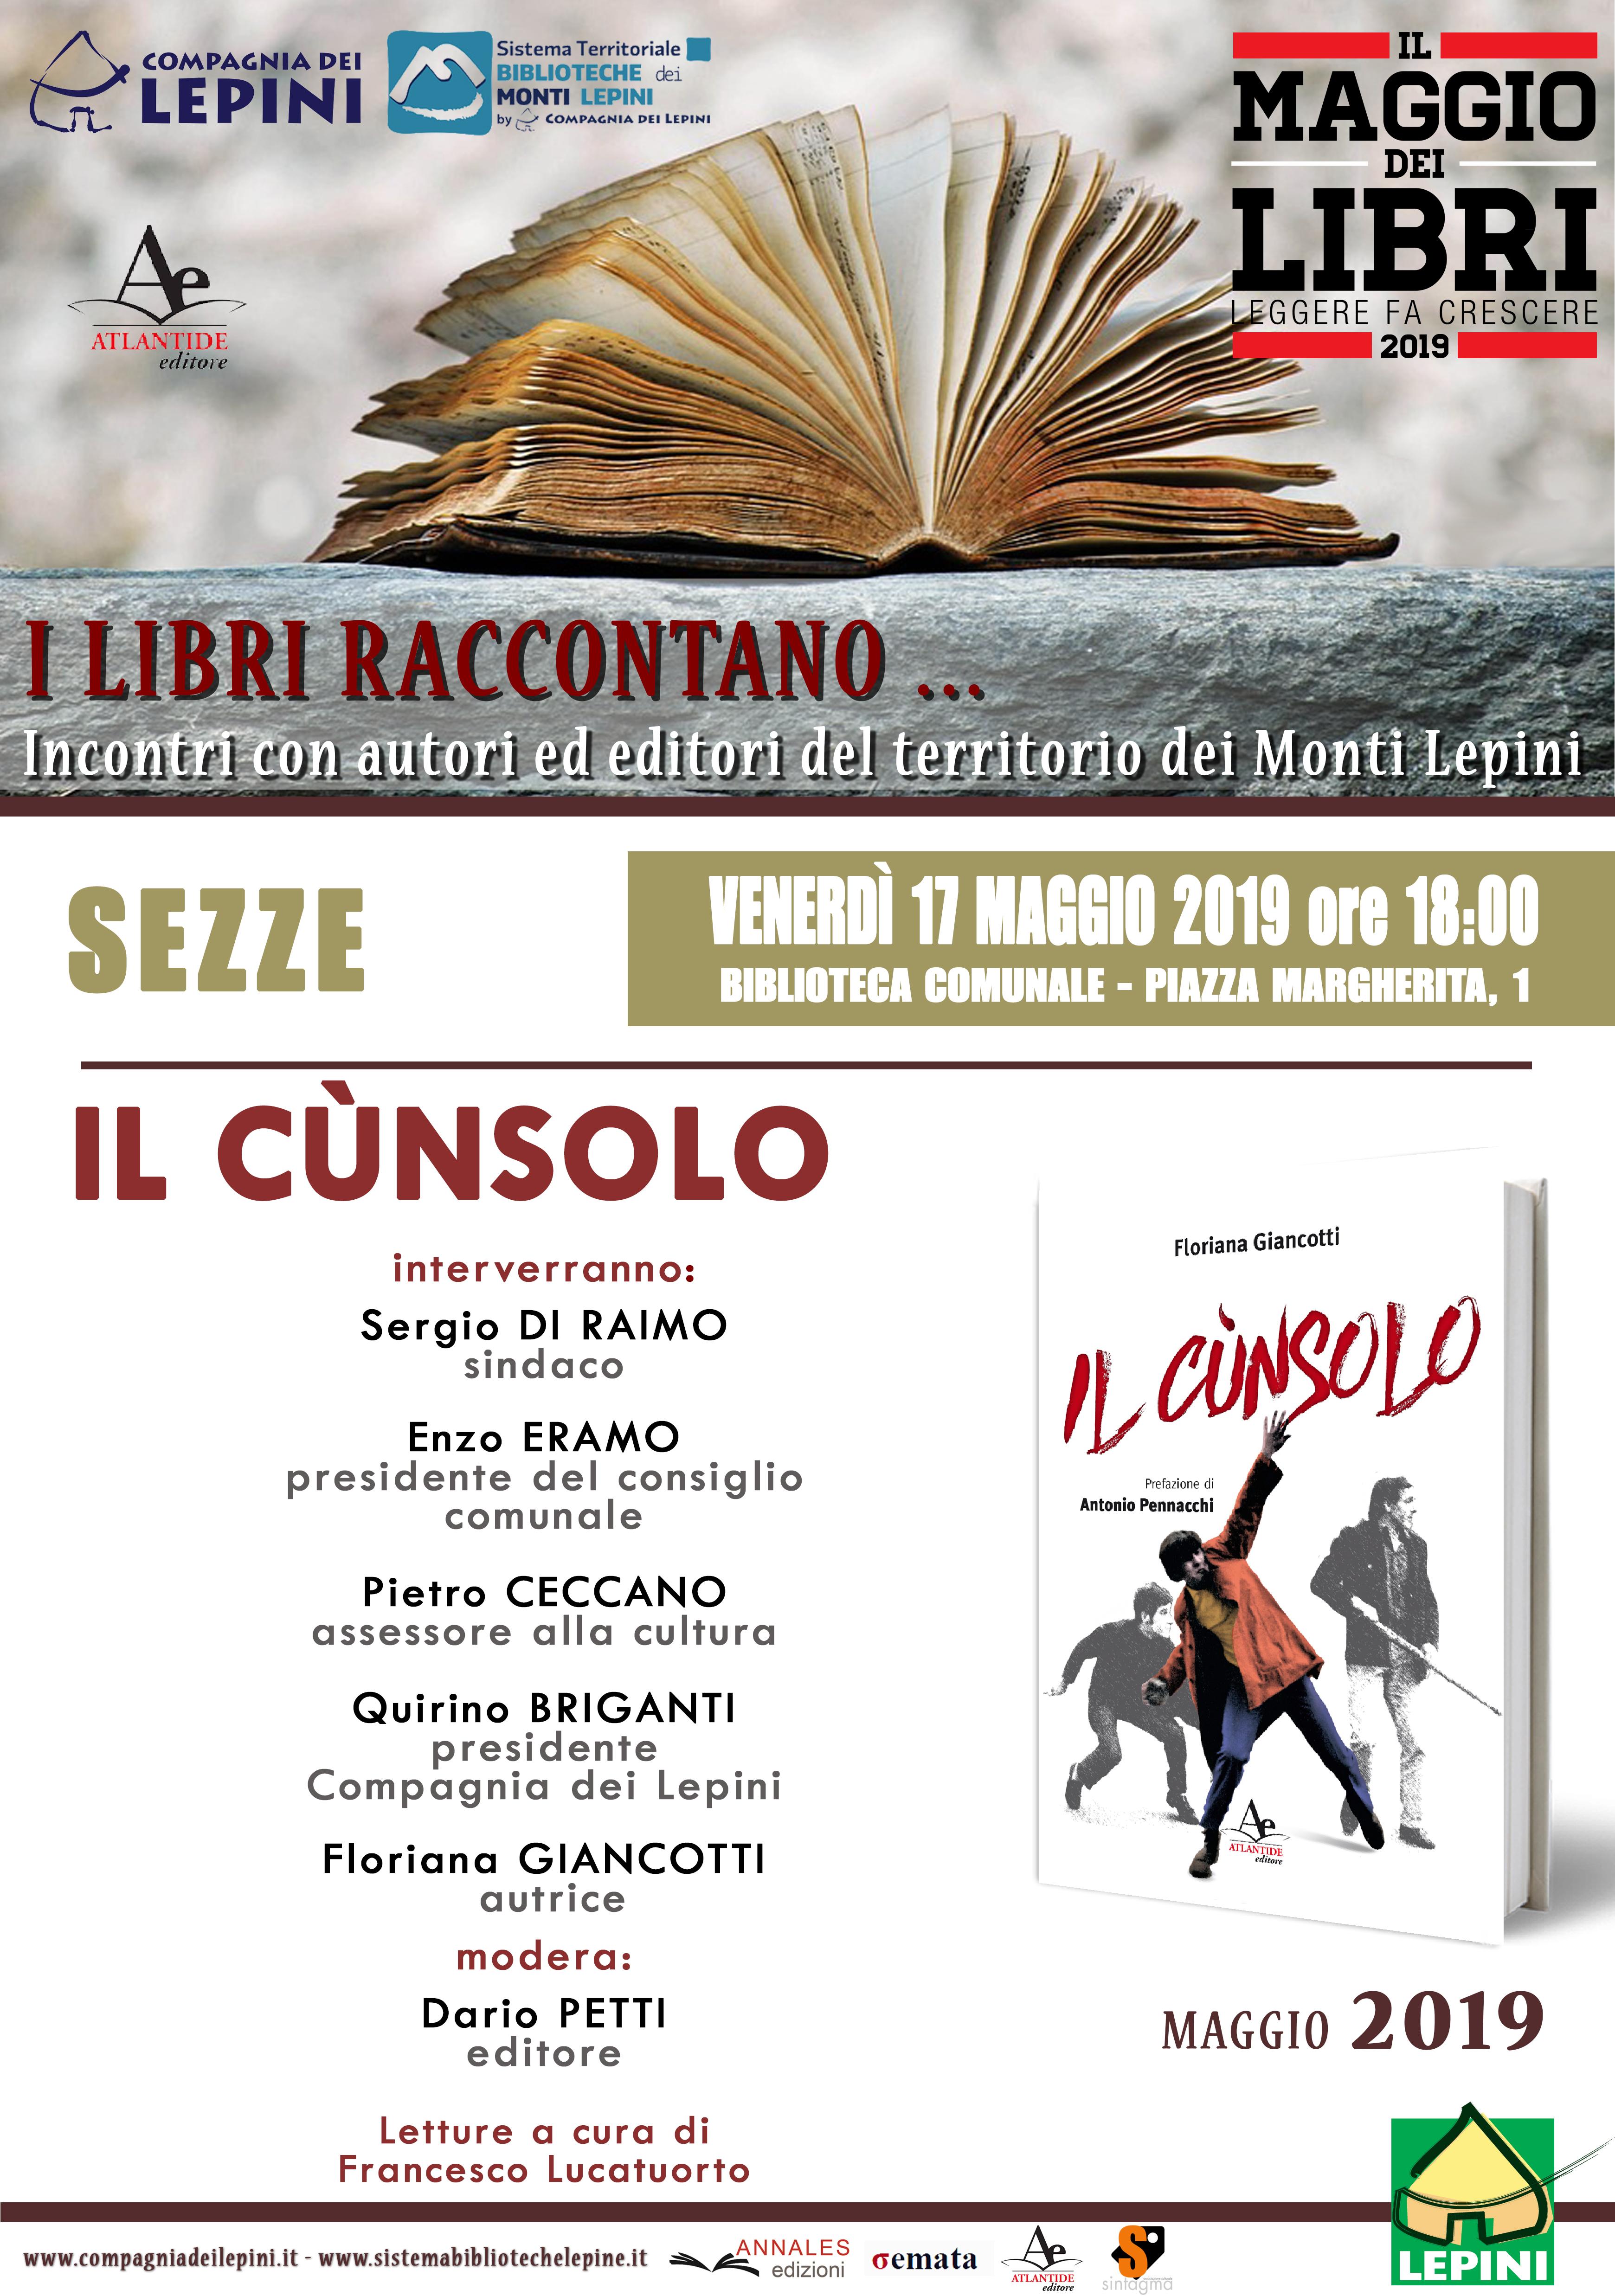 Sezze, Il Maggio dei libri: Il Cùnsolo @ biblioteca comunale | Sezze | Lazio | Italia